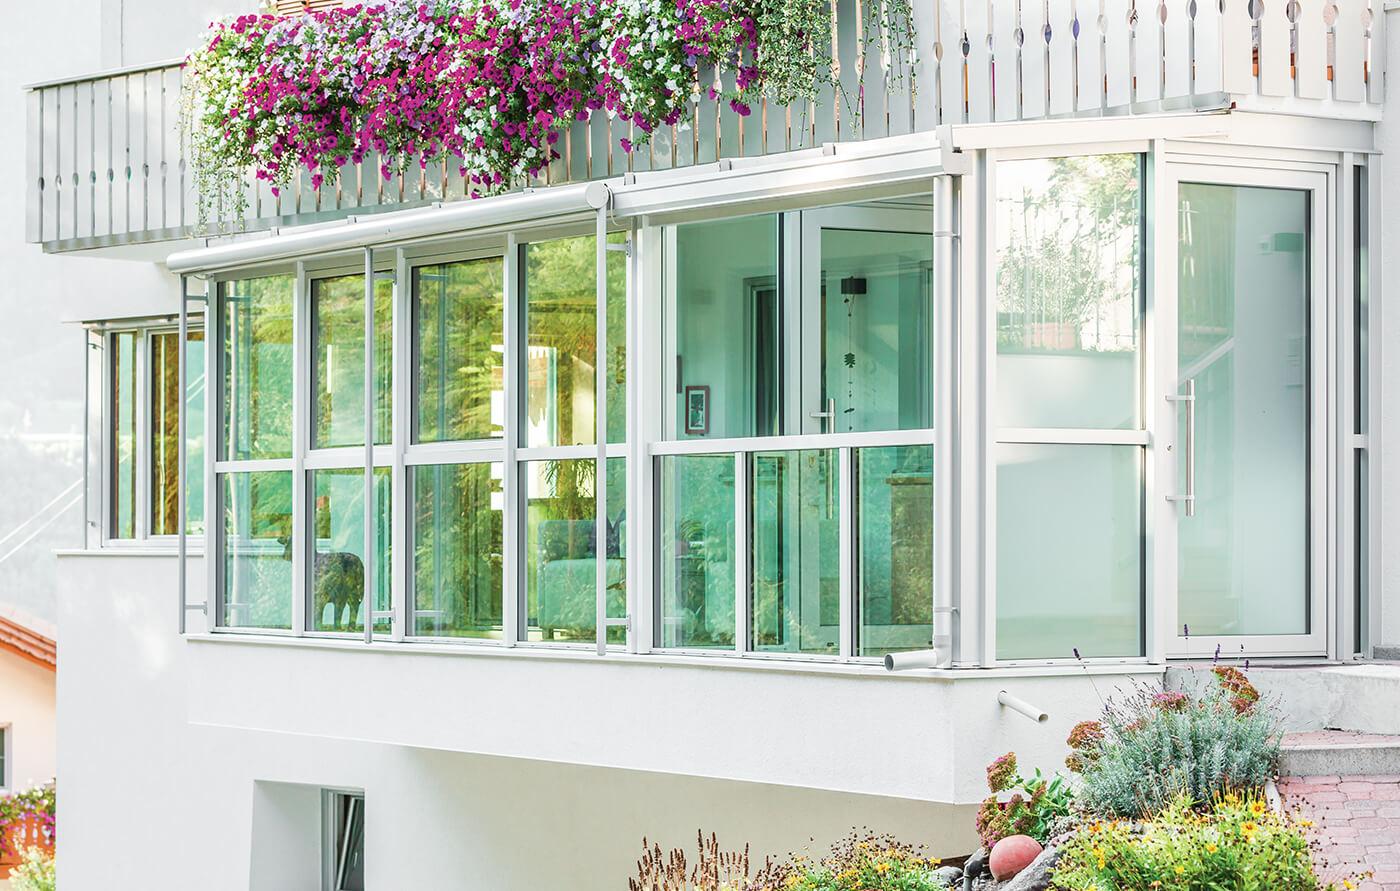 Verande finstral e giardini d 39 inverno in pvc omnia for Giardini e verande